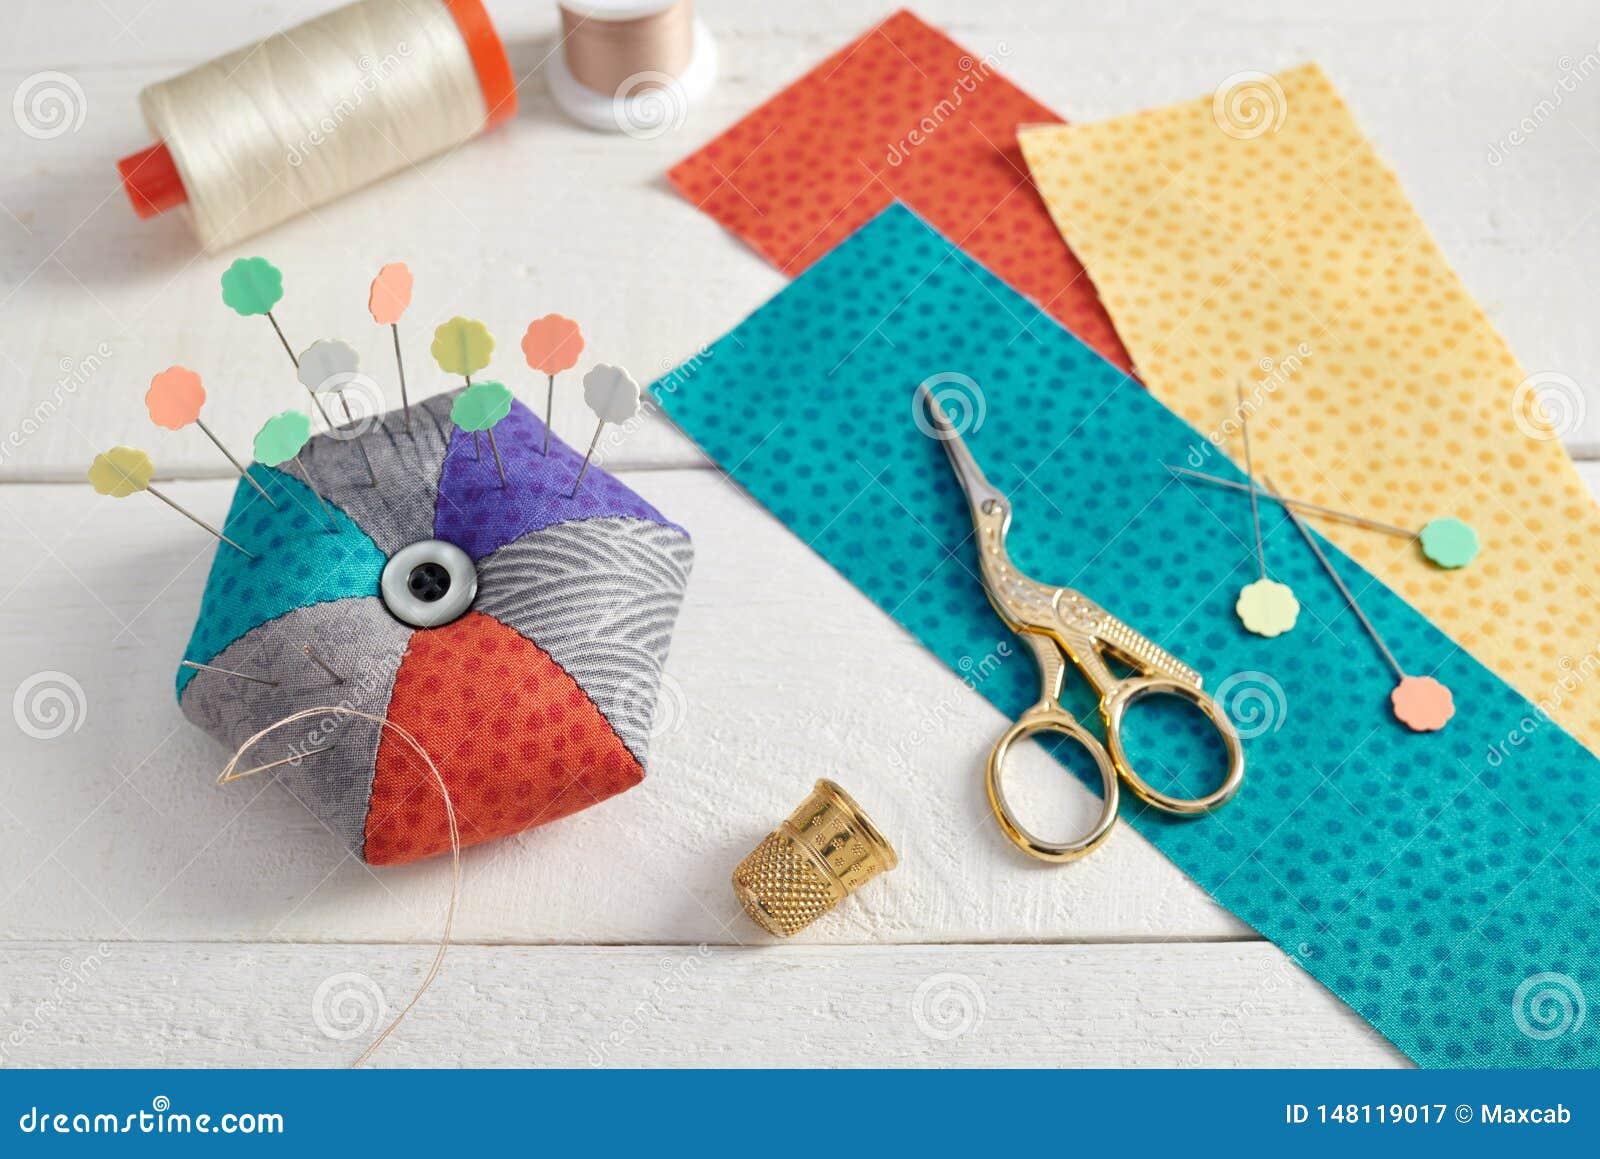 Валик Pin, ярко покрашенные прокладки ткани, шить аксессуары на ...